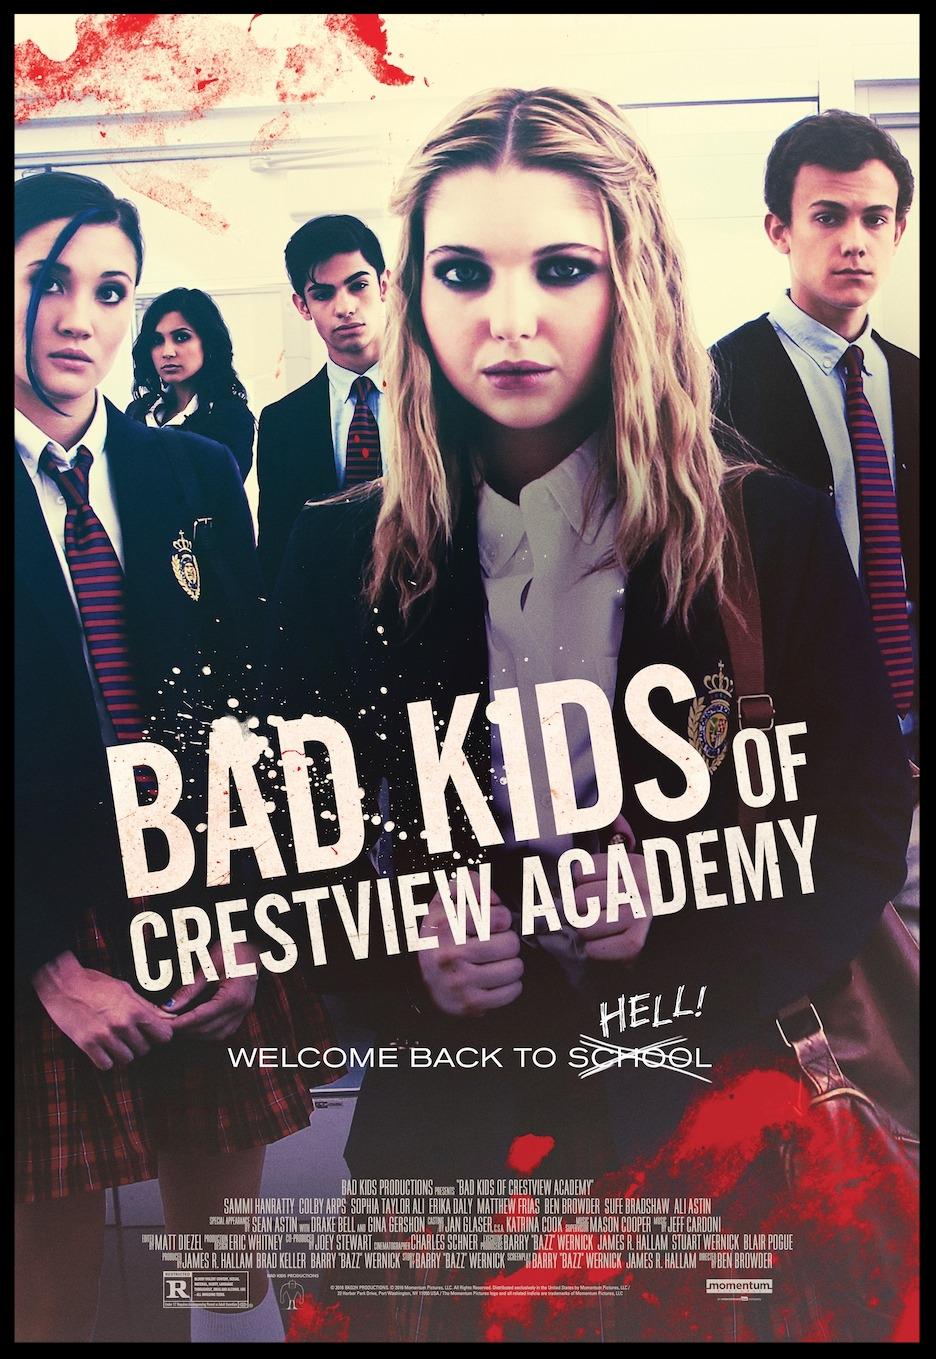 bad_kids_of_crestview_academy poster.jpg